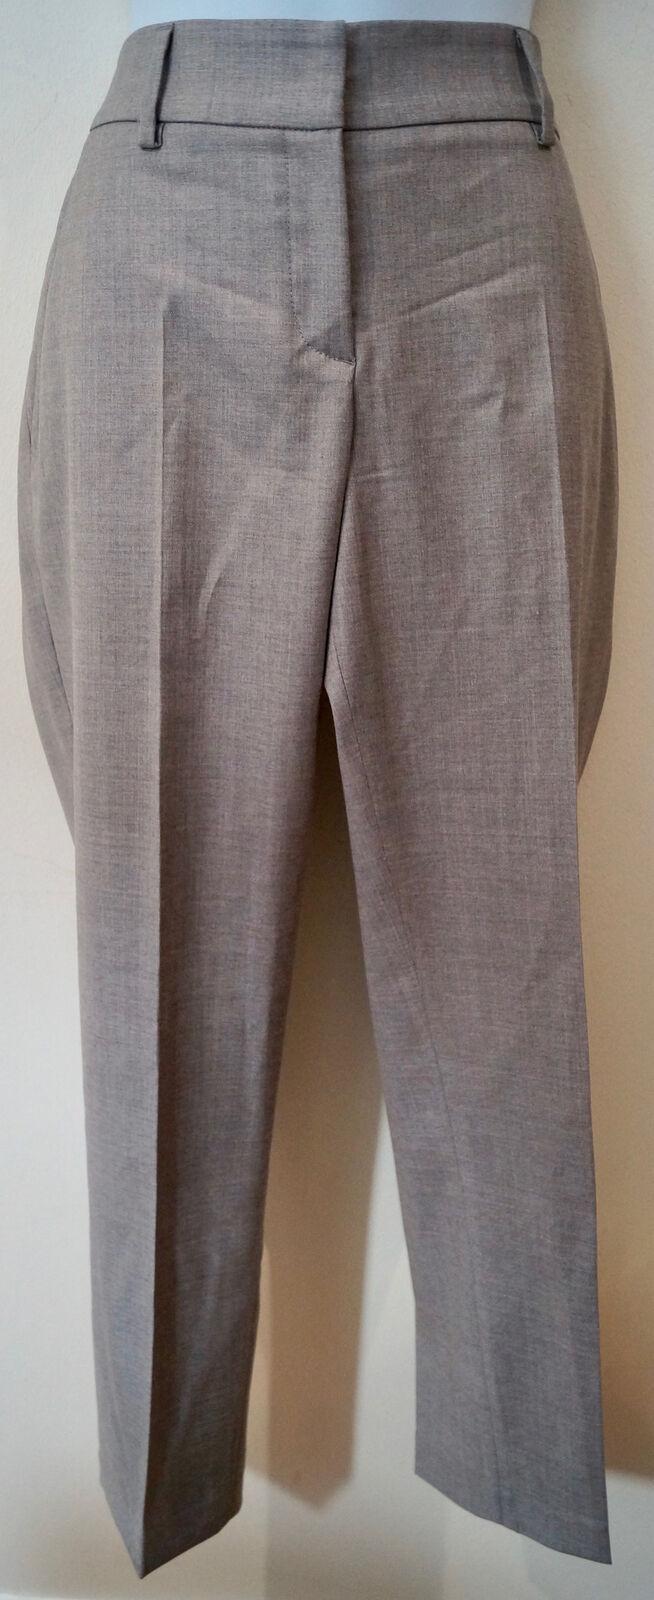 BRUNELLO CUCINELLI Women's Grey Virgin Wool Formal Business Trousers UK12